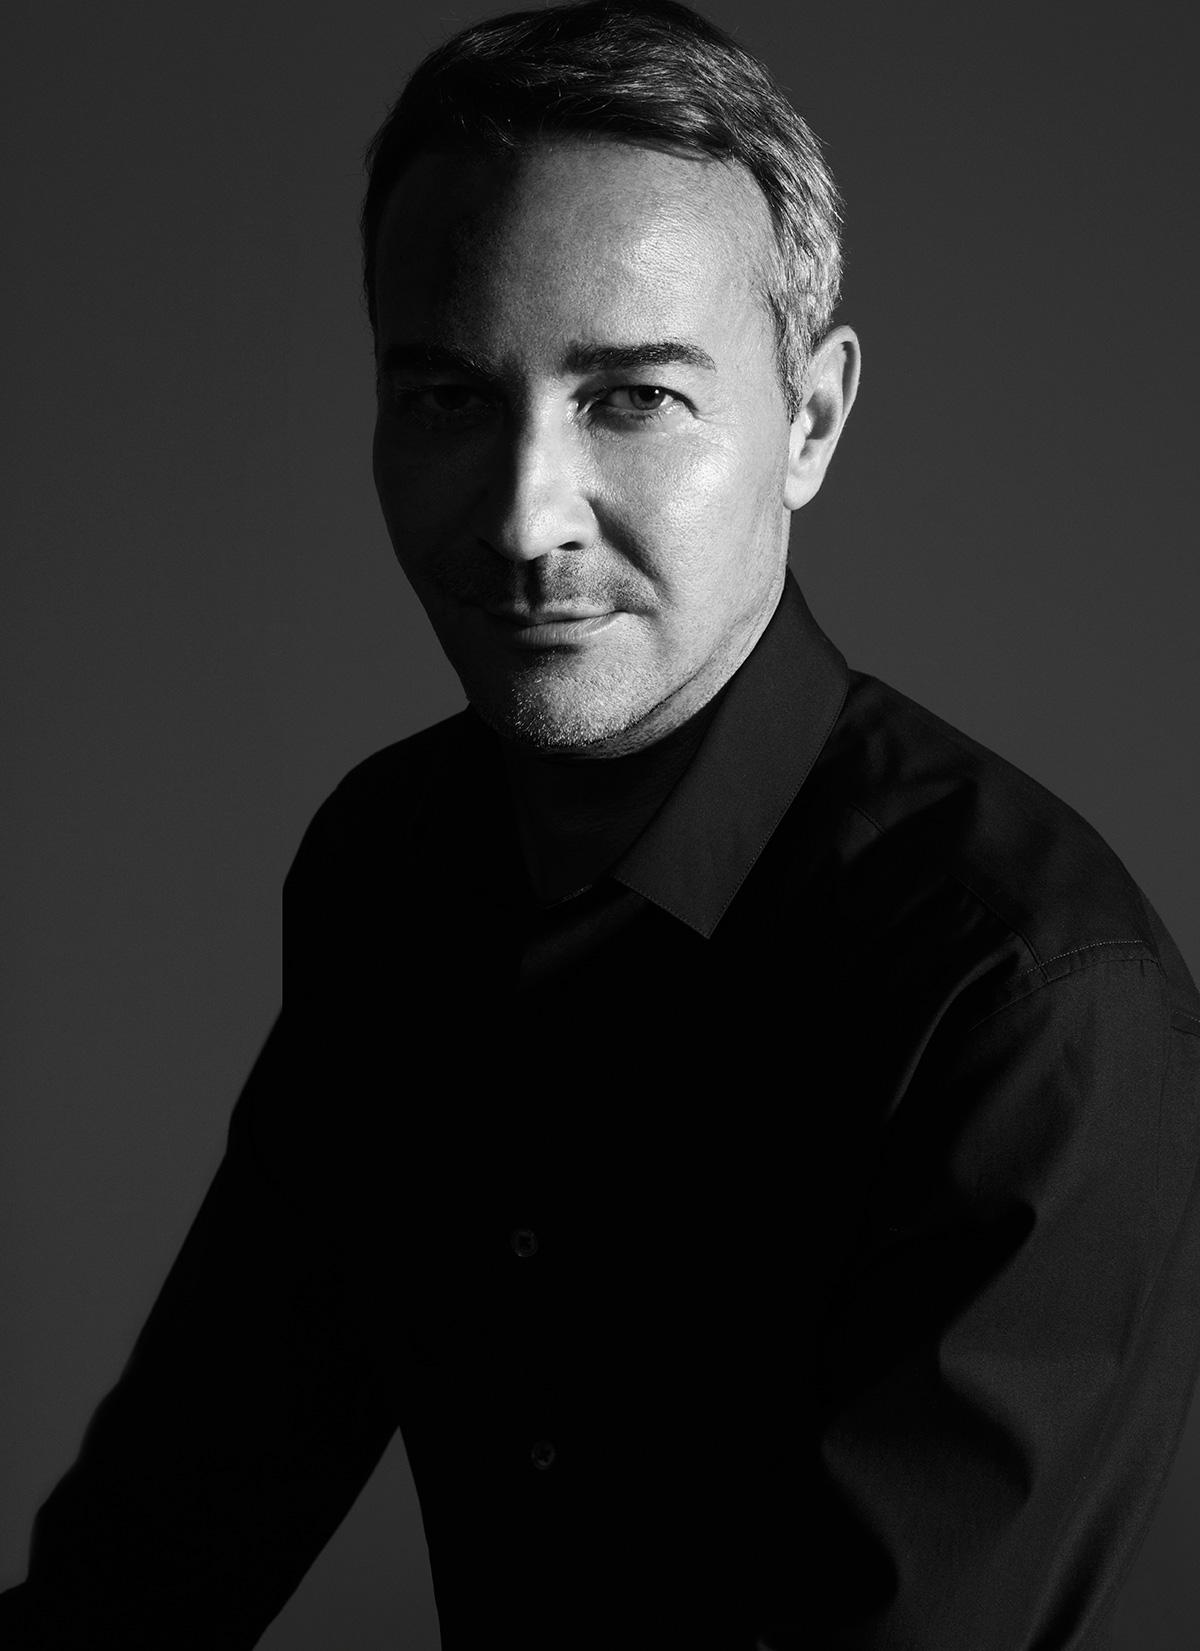 Marcel Marongiu